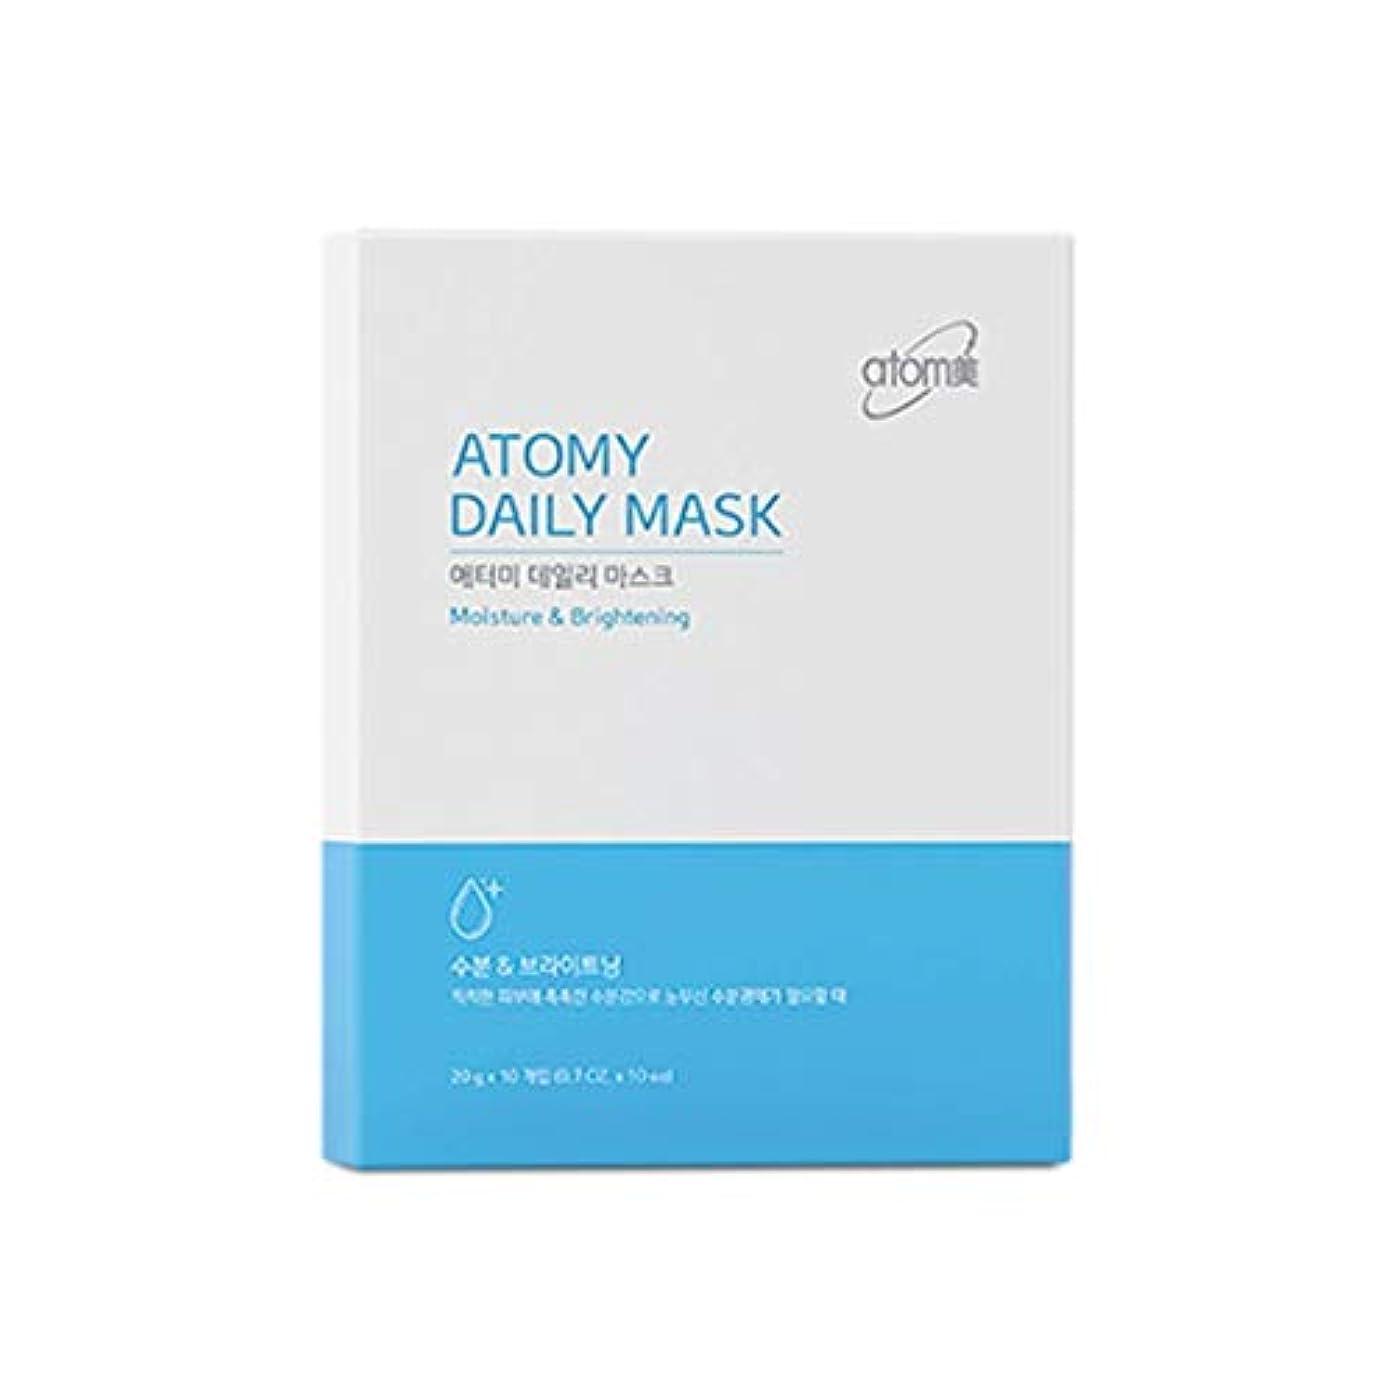 傷つきやすいヘルメット建設[NEW] Atomy Daily Mask Sheet 10 Pack- Moisture & Brightening アトミ 自然由来の成分と4つの特許成分マスクパック(並行輸入品)